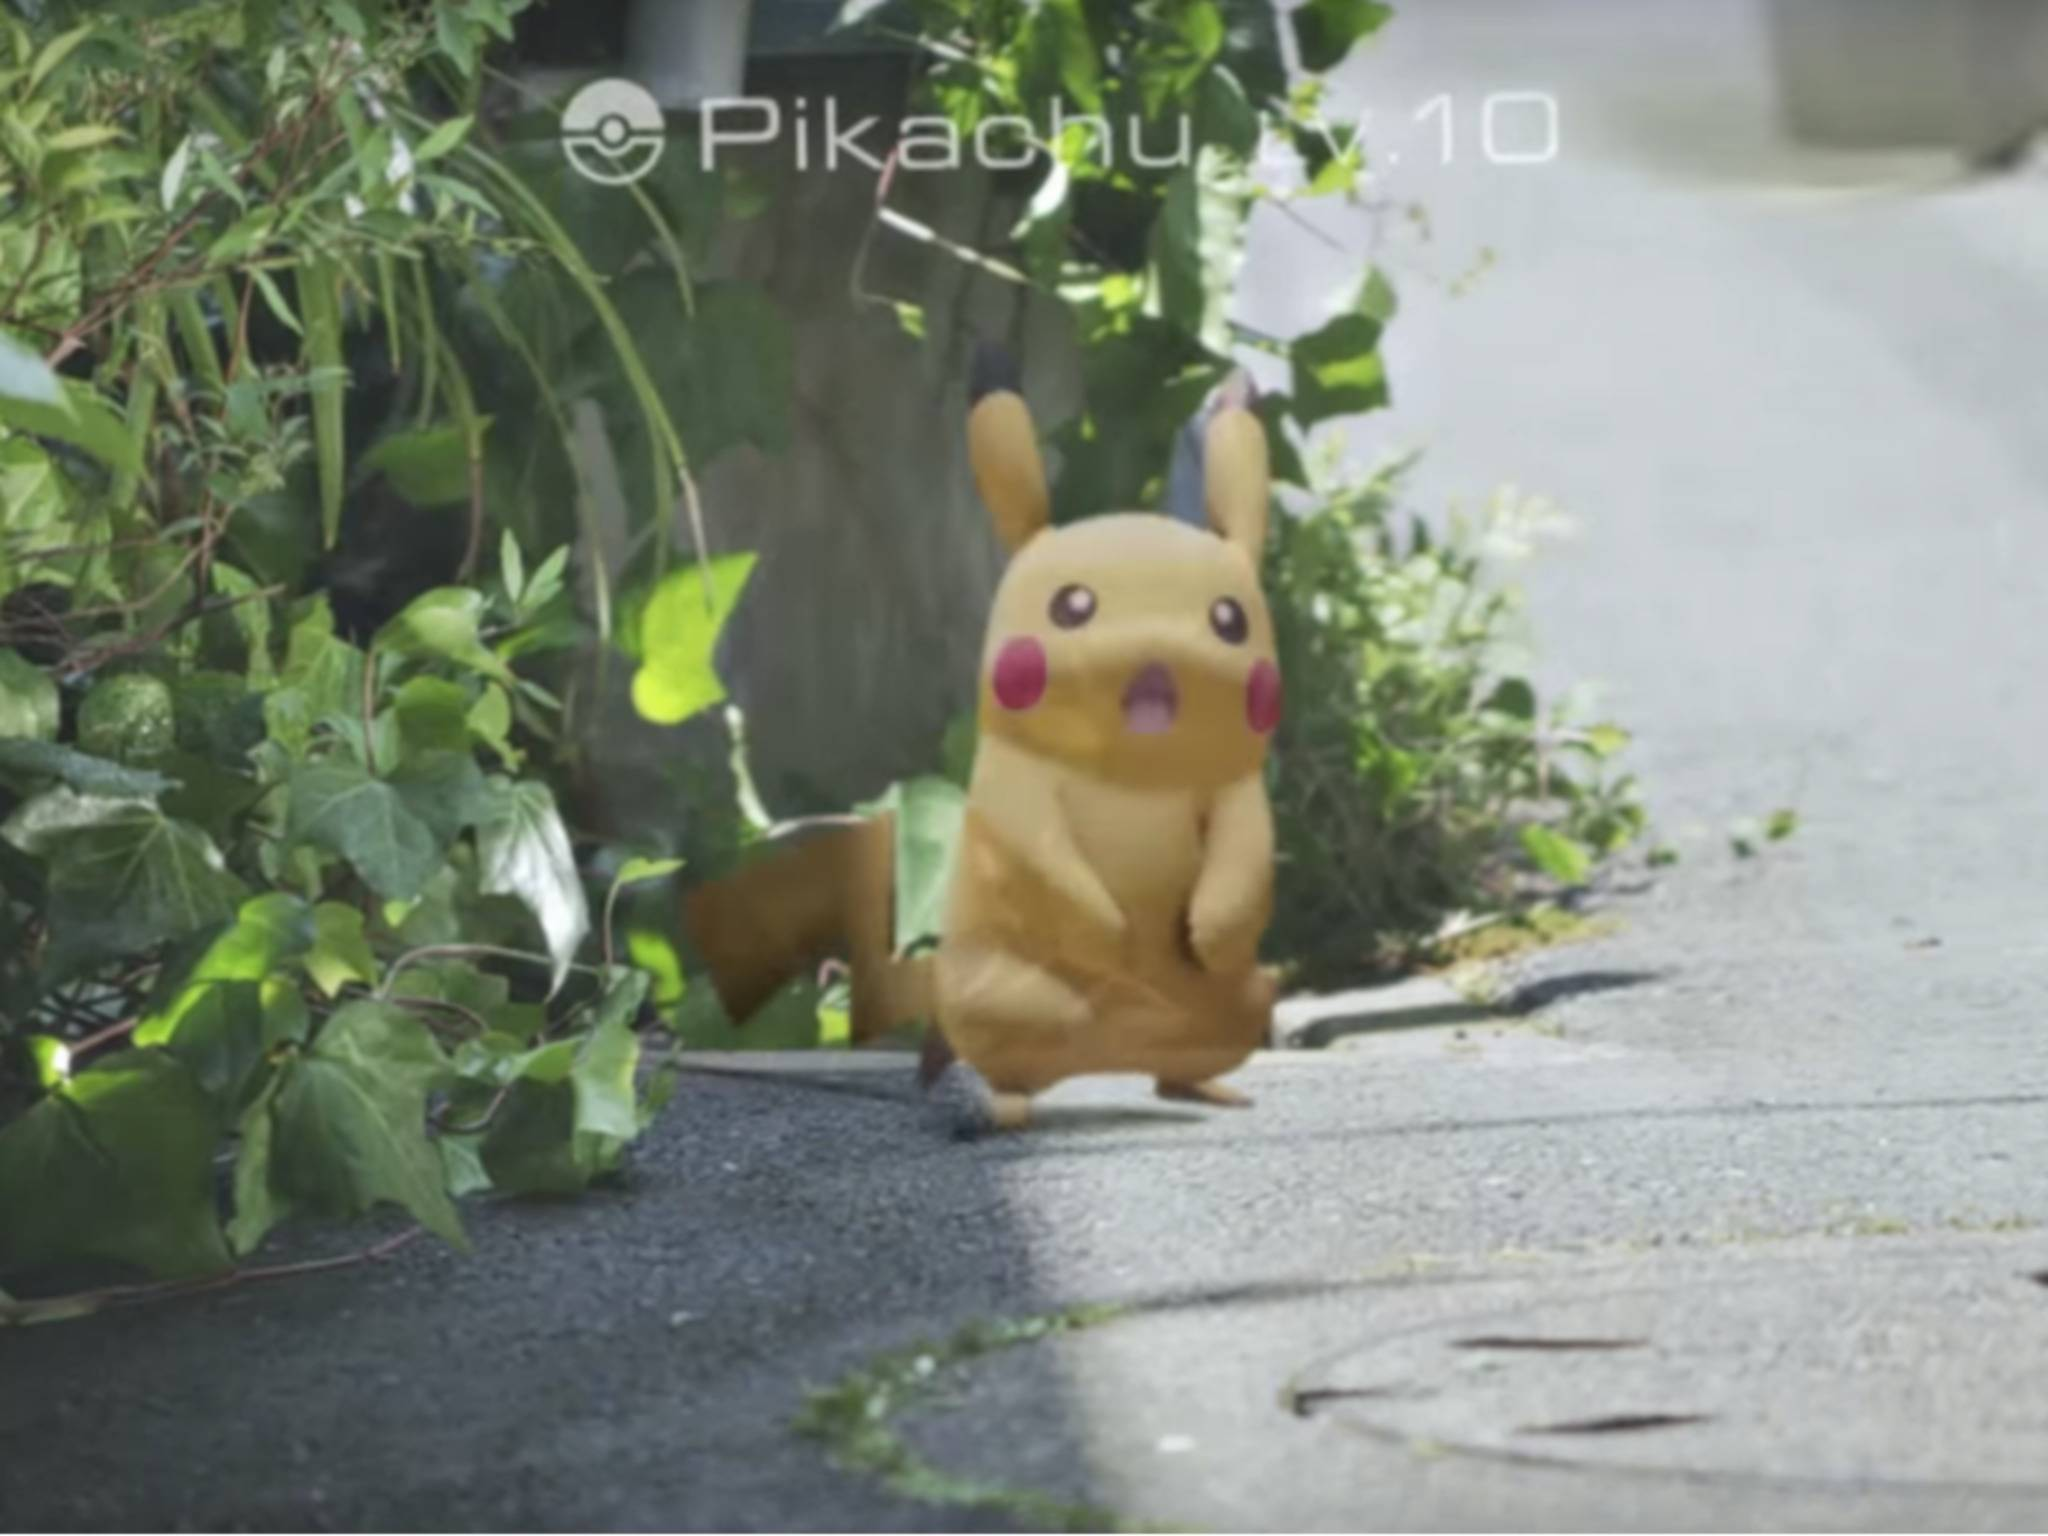 Mit Pokémon Go fängst du Nintendos kleine Monster in der echten Welt.